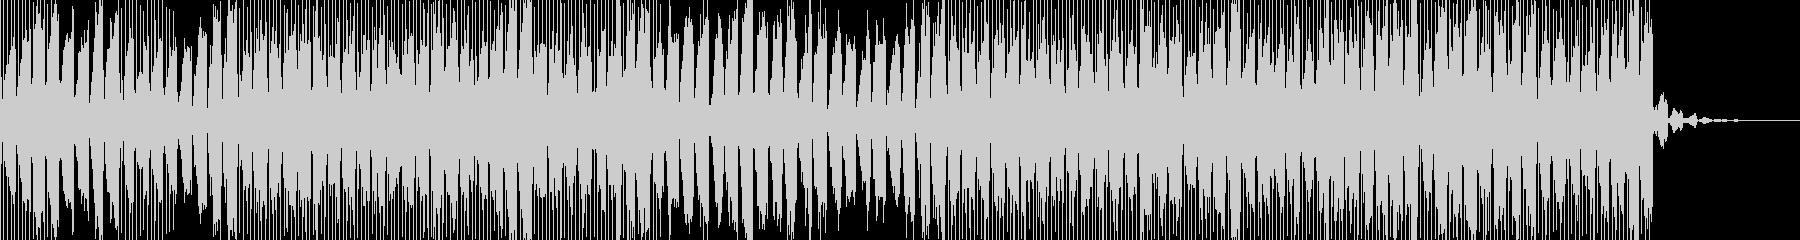 実験的な ファンタジー 魔法 テク...の未再生の波形